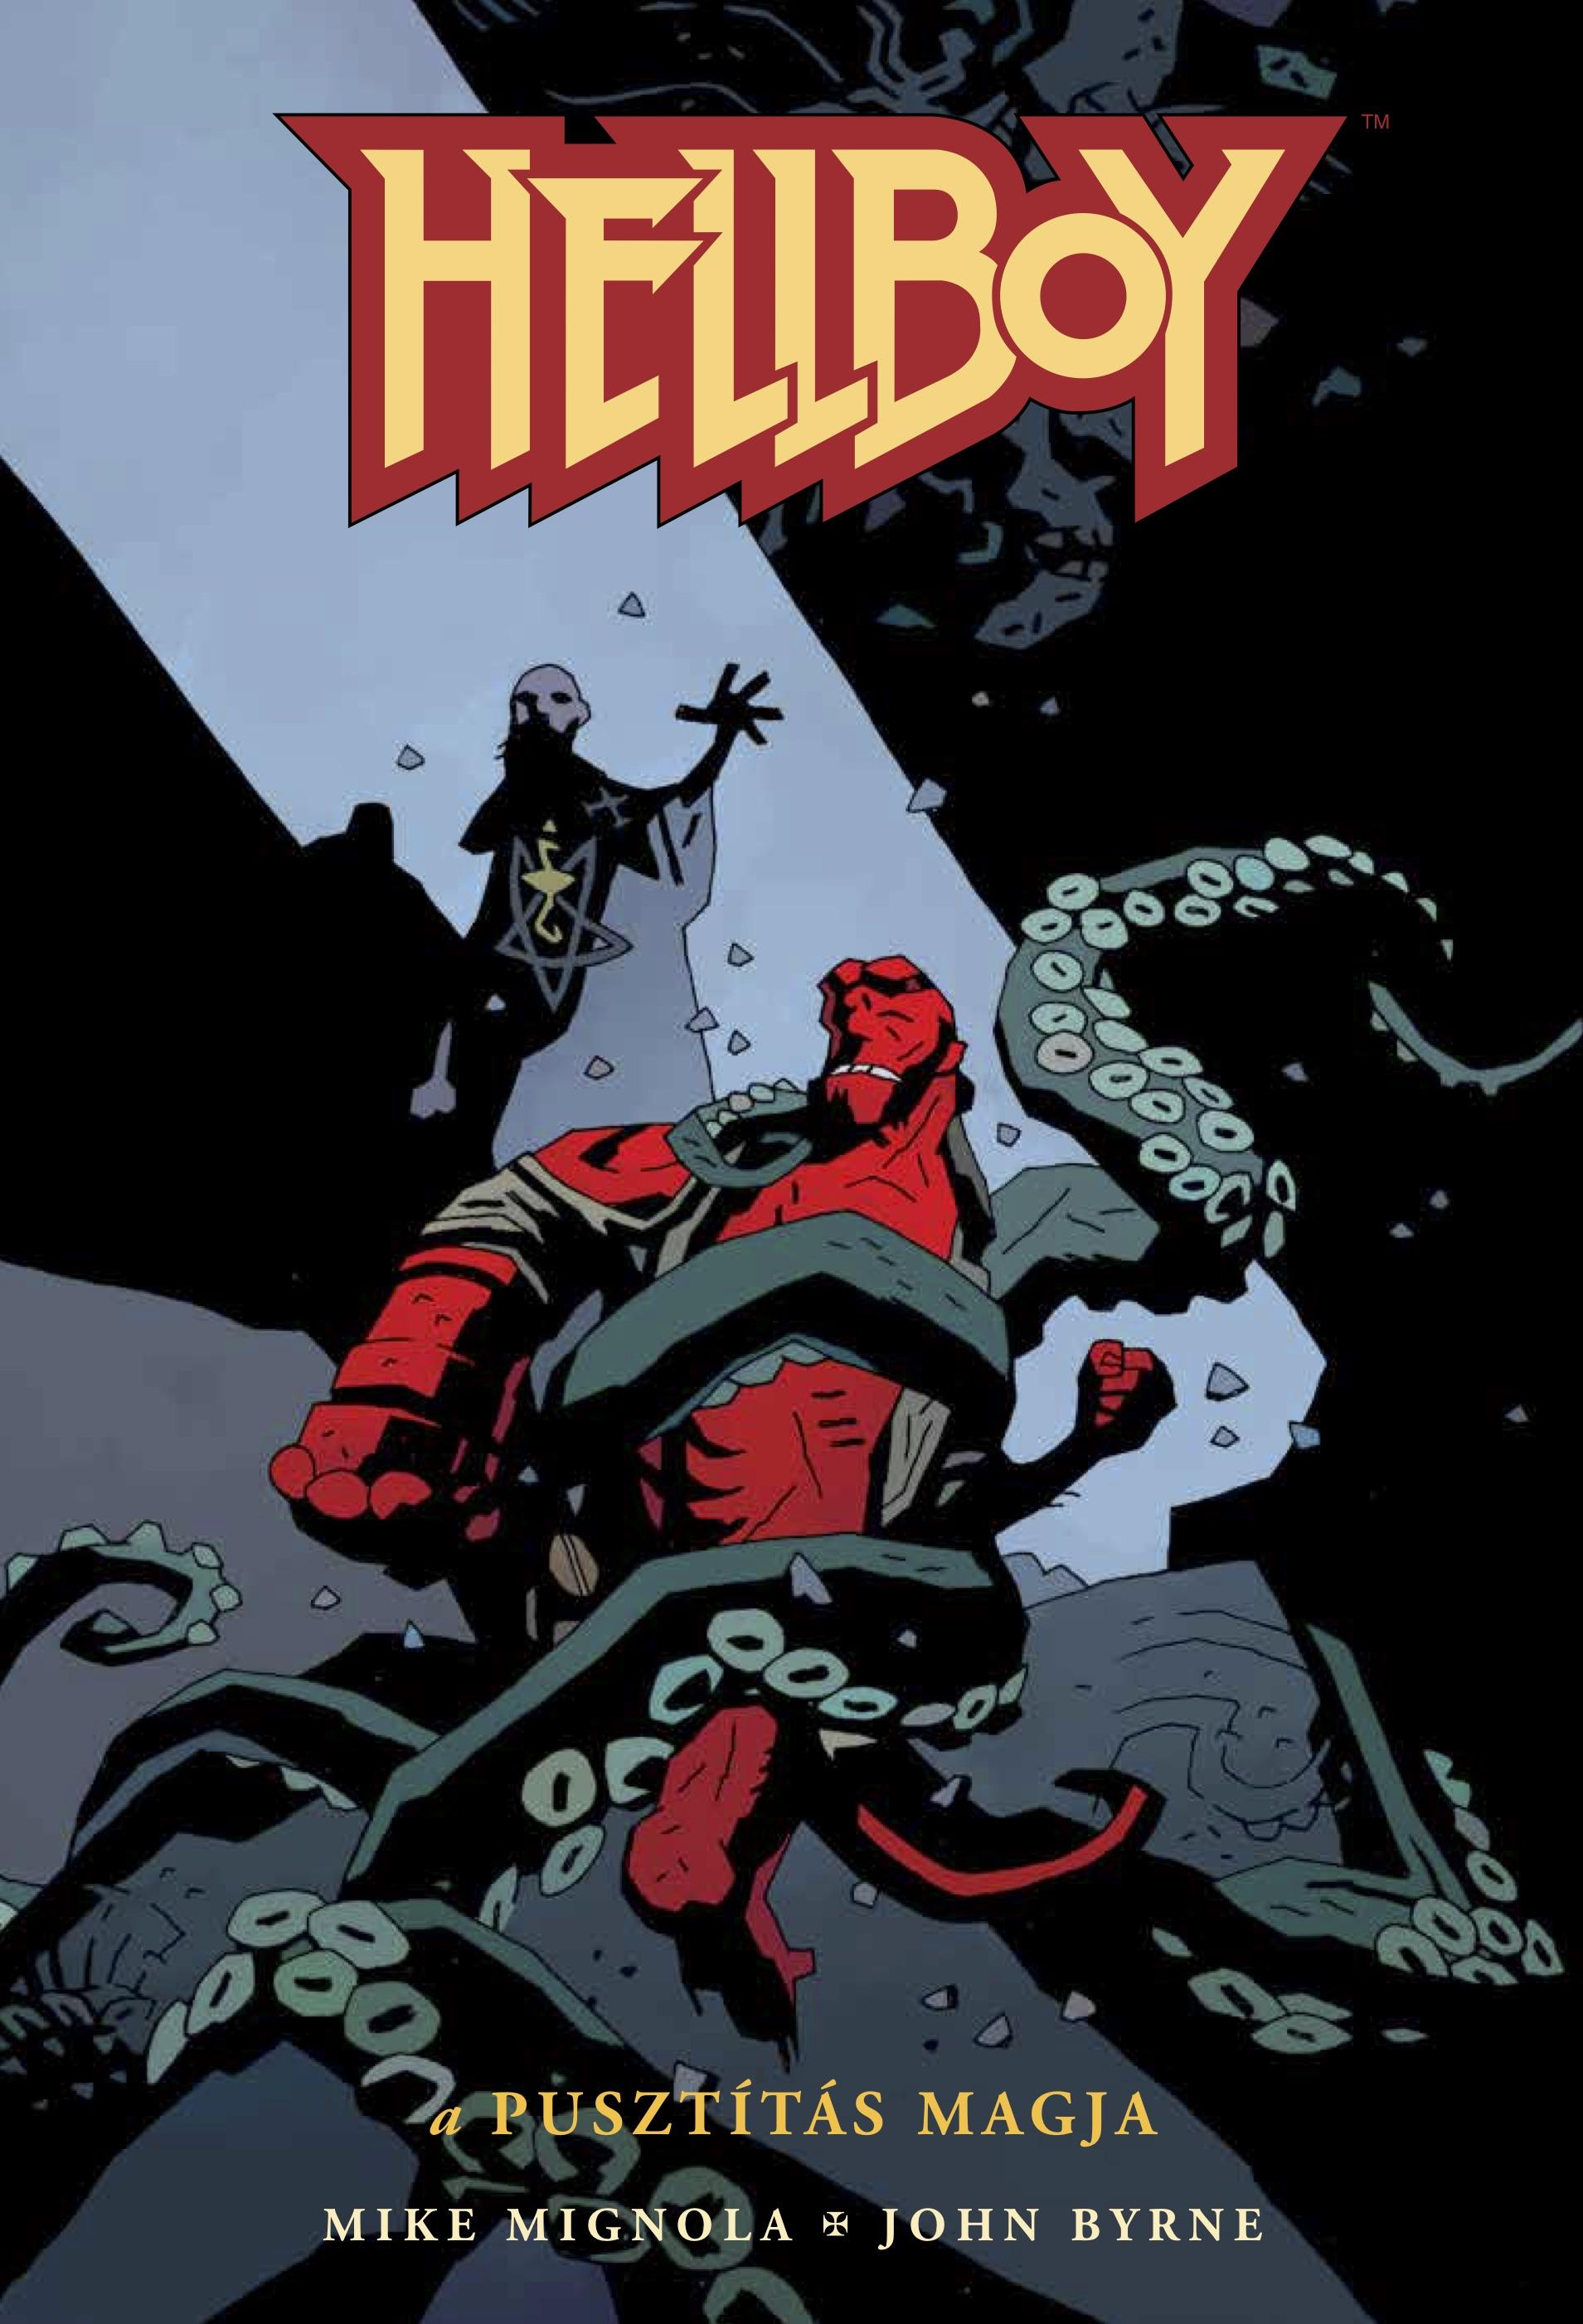 hellboy01-00.jpg